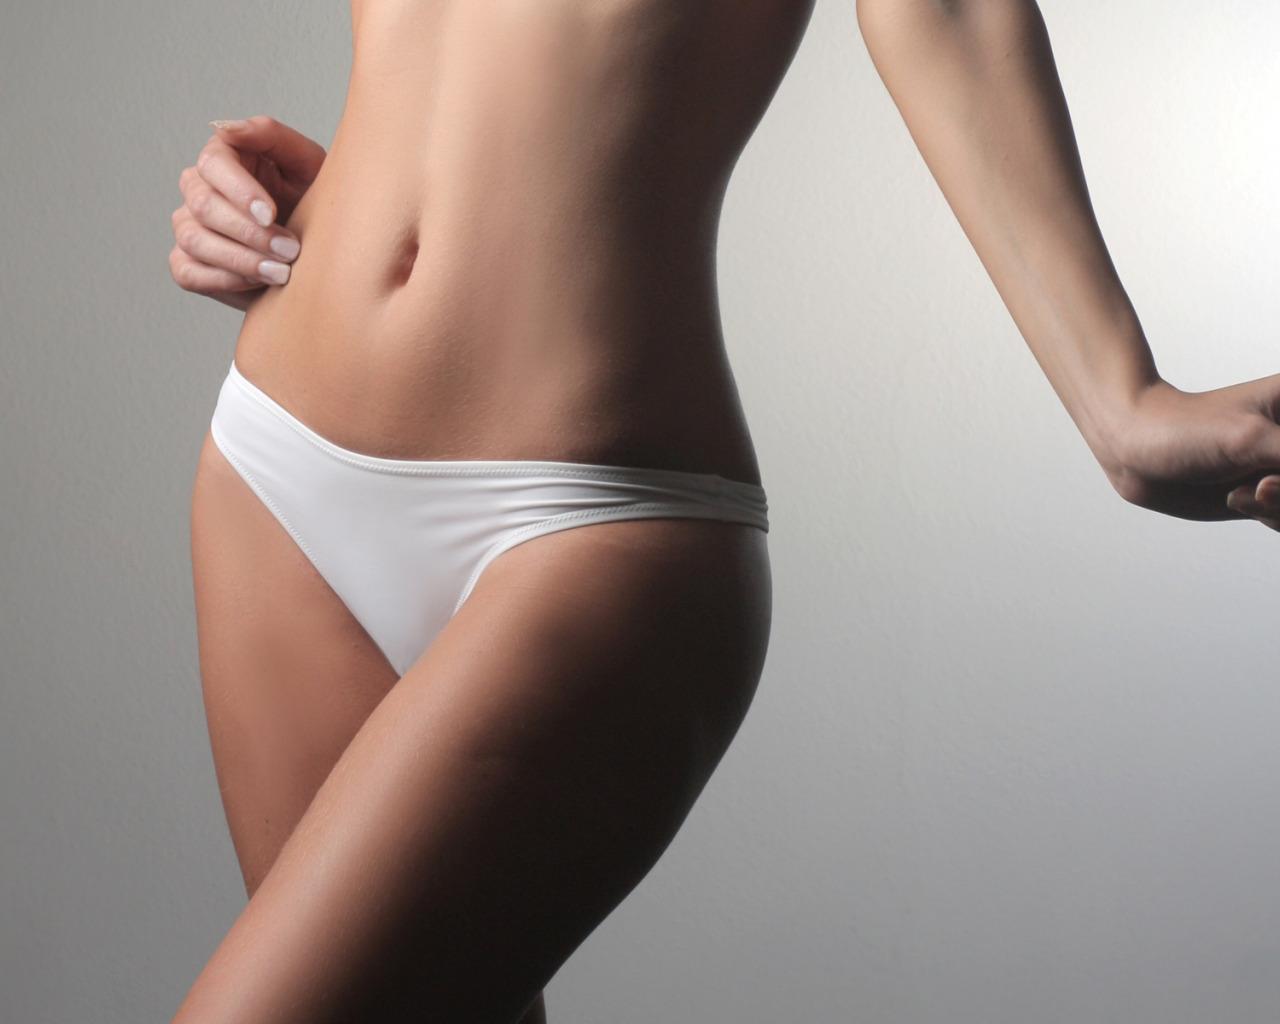 Фото с частями тела девушек